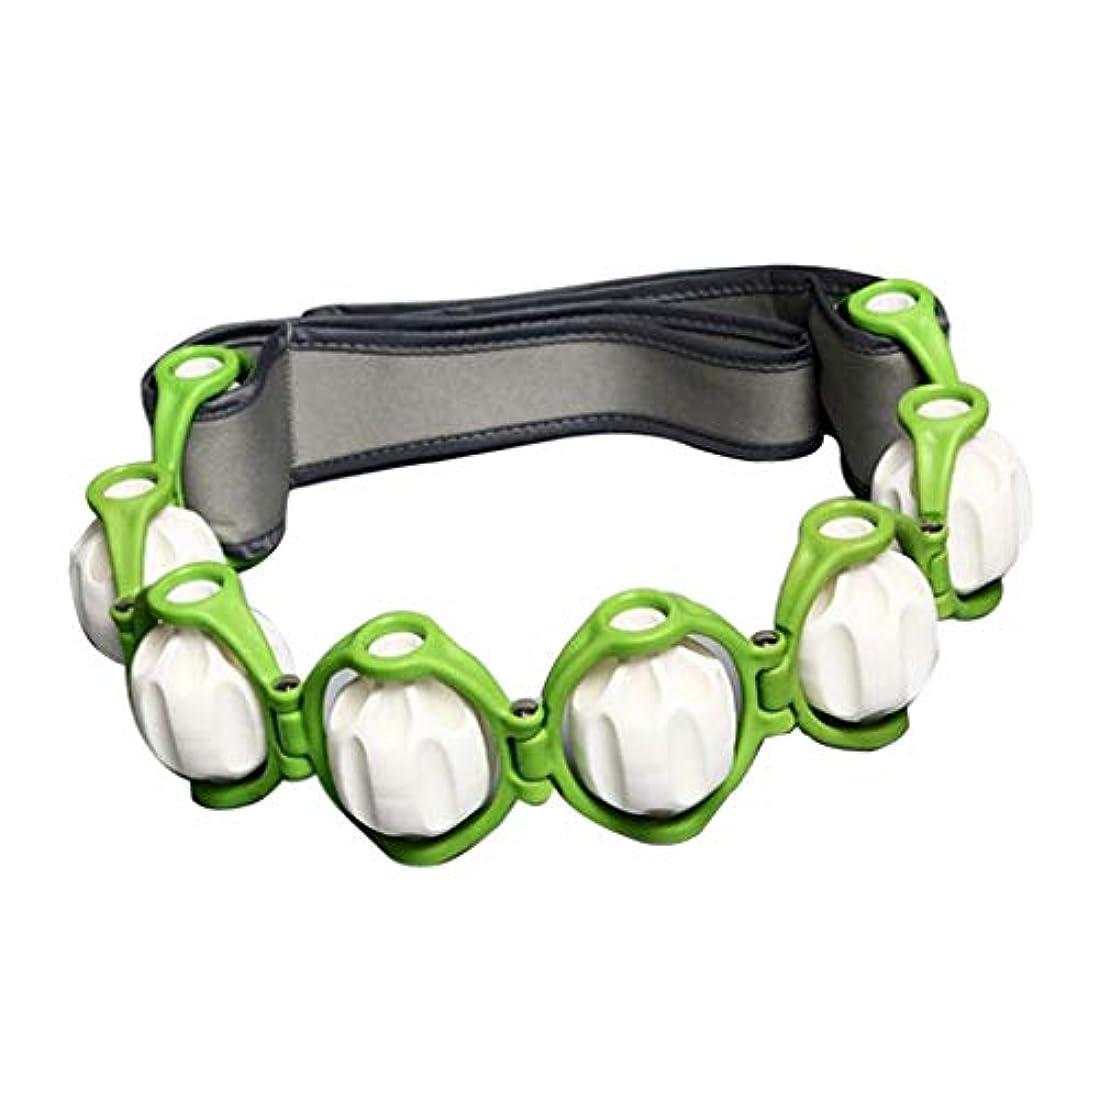 誤解する守銭奴菊FLAMEER ボディマッサージローラー ロープ付き 六つボール 4色選べ - 緑, 説明したように